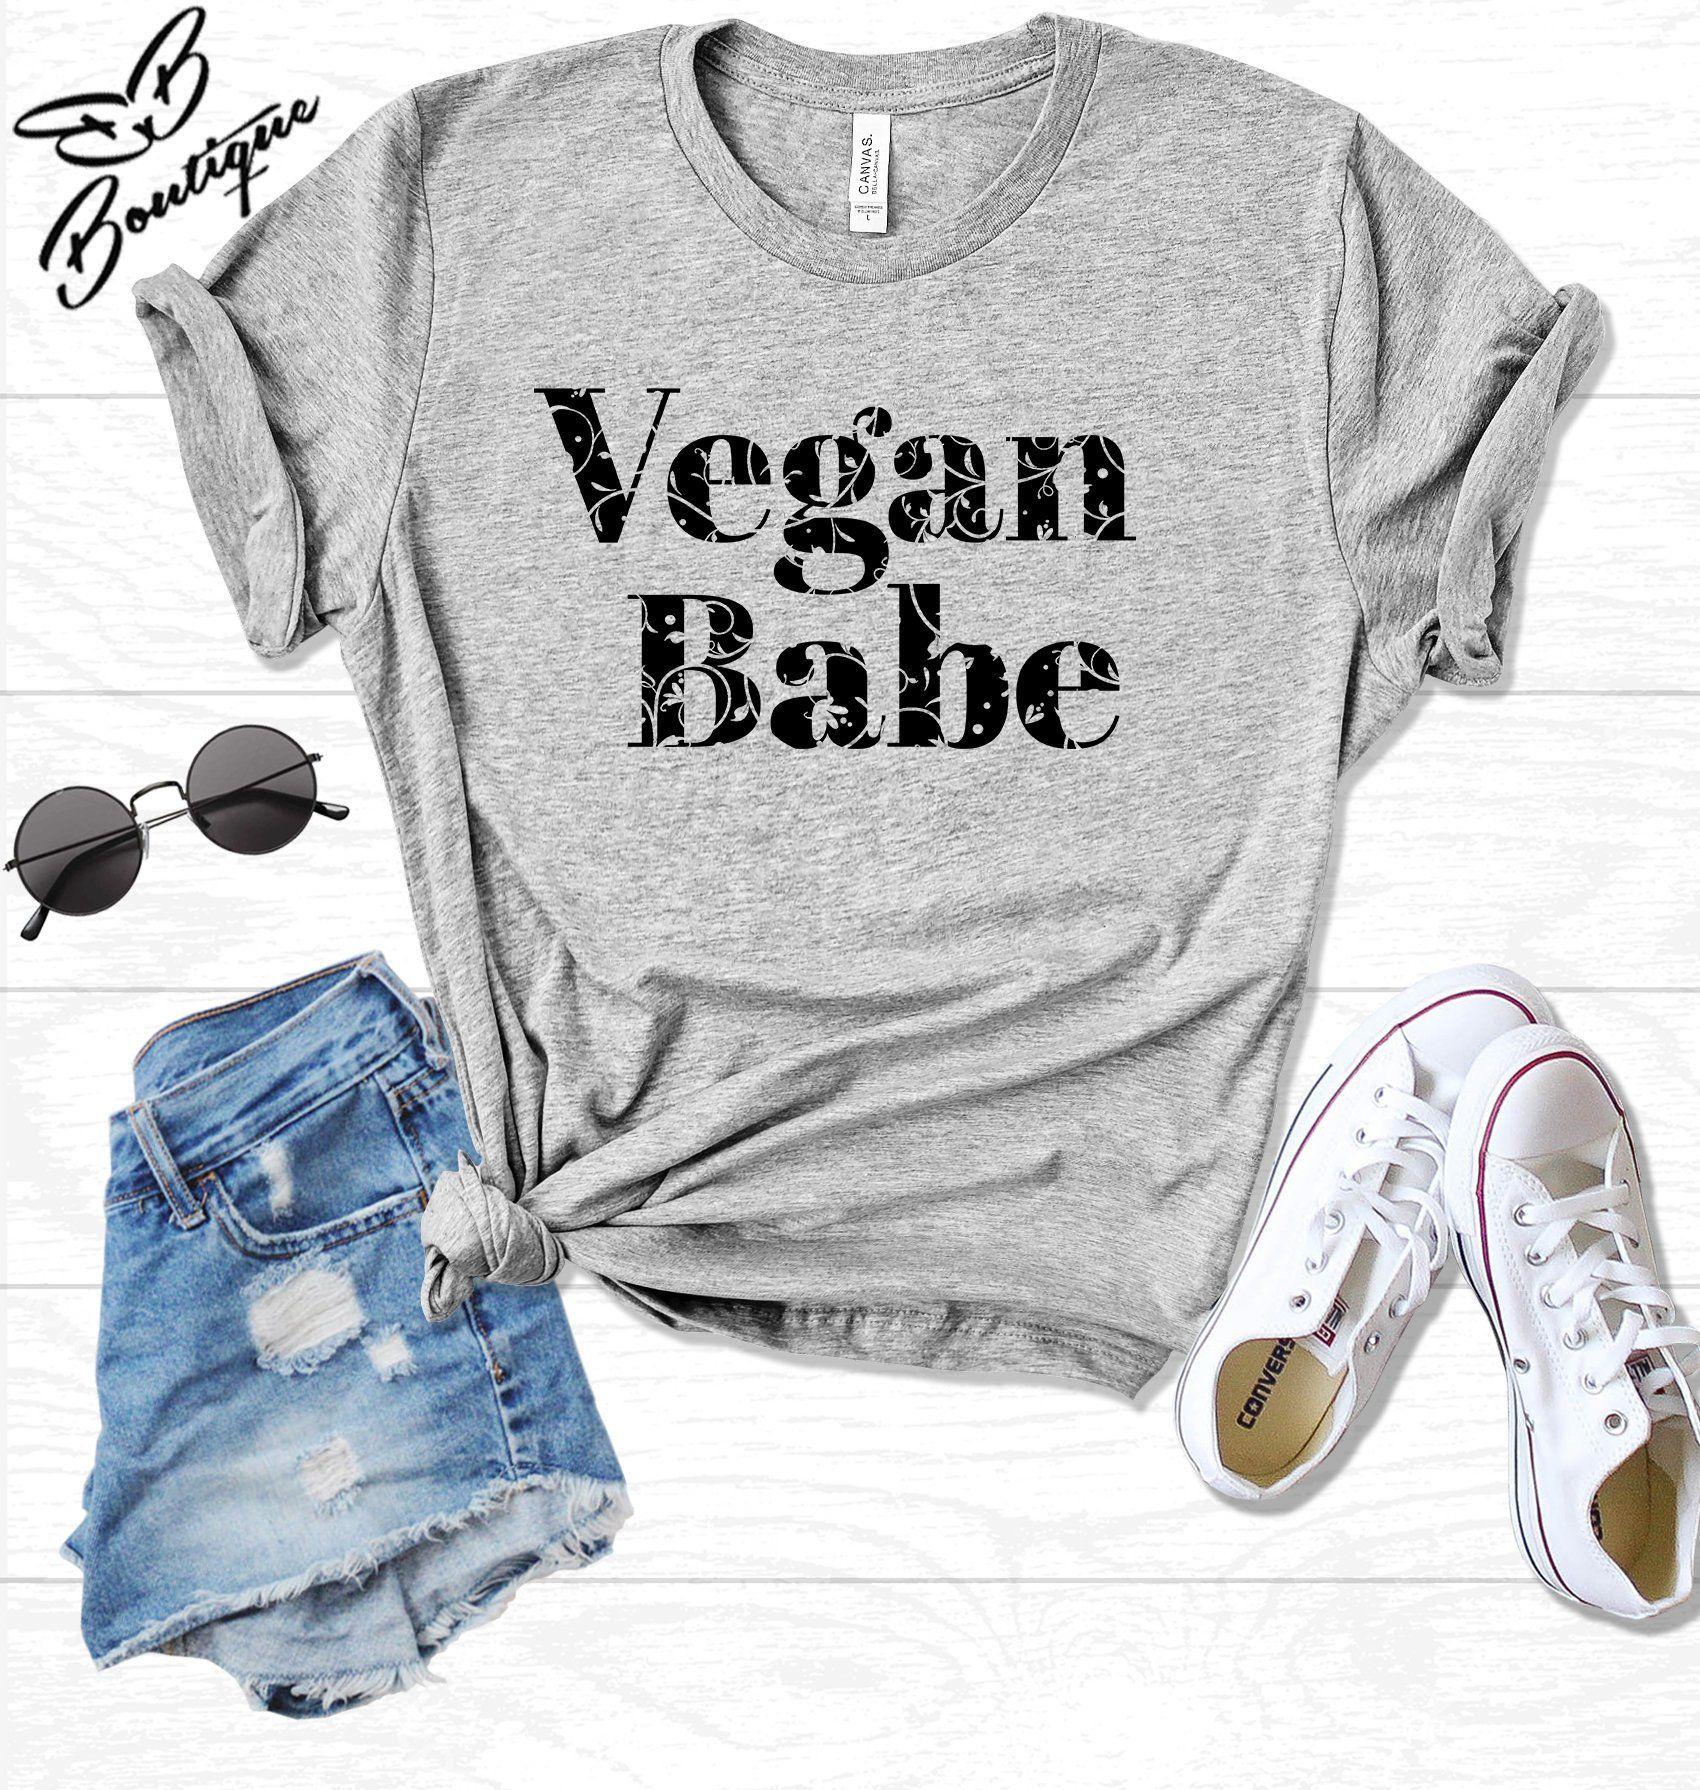 Pin By Sreerupa Ghosh On Vibgyor Creations Vegan Shirt Vegan